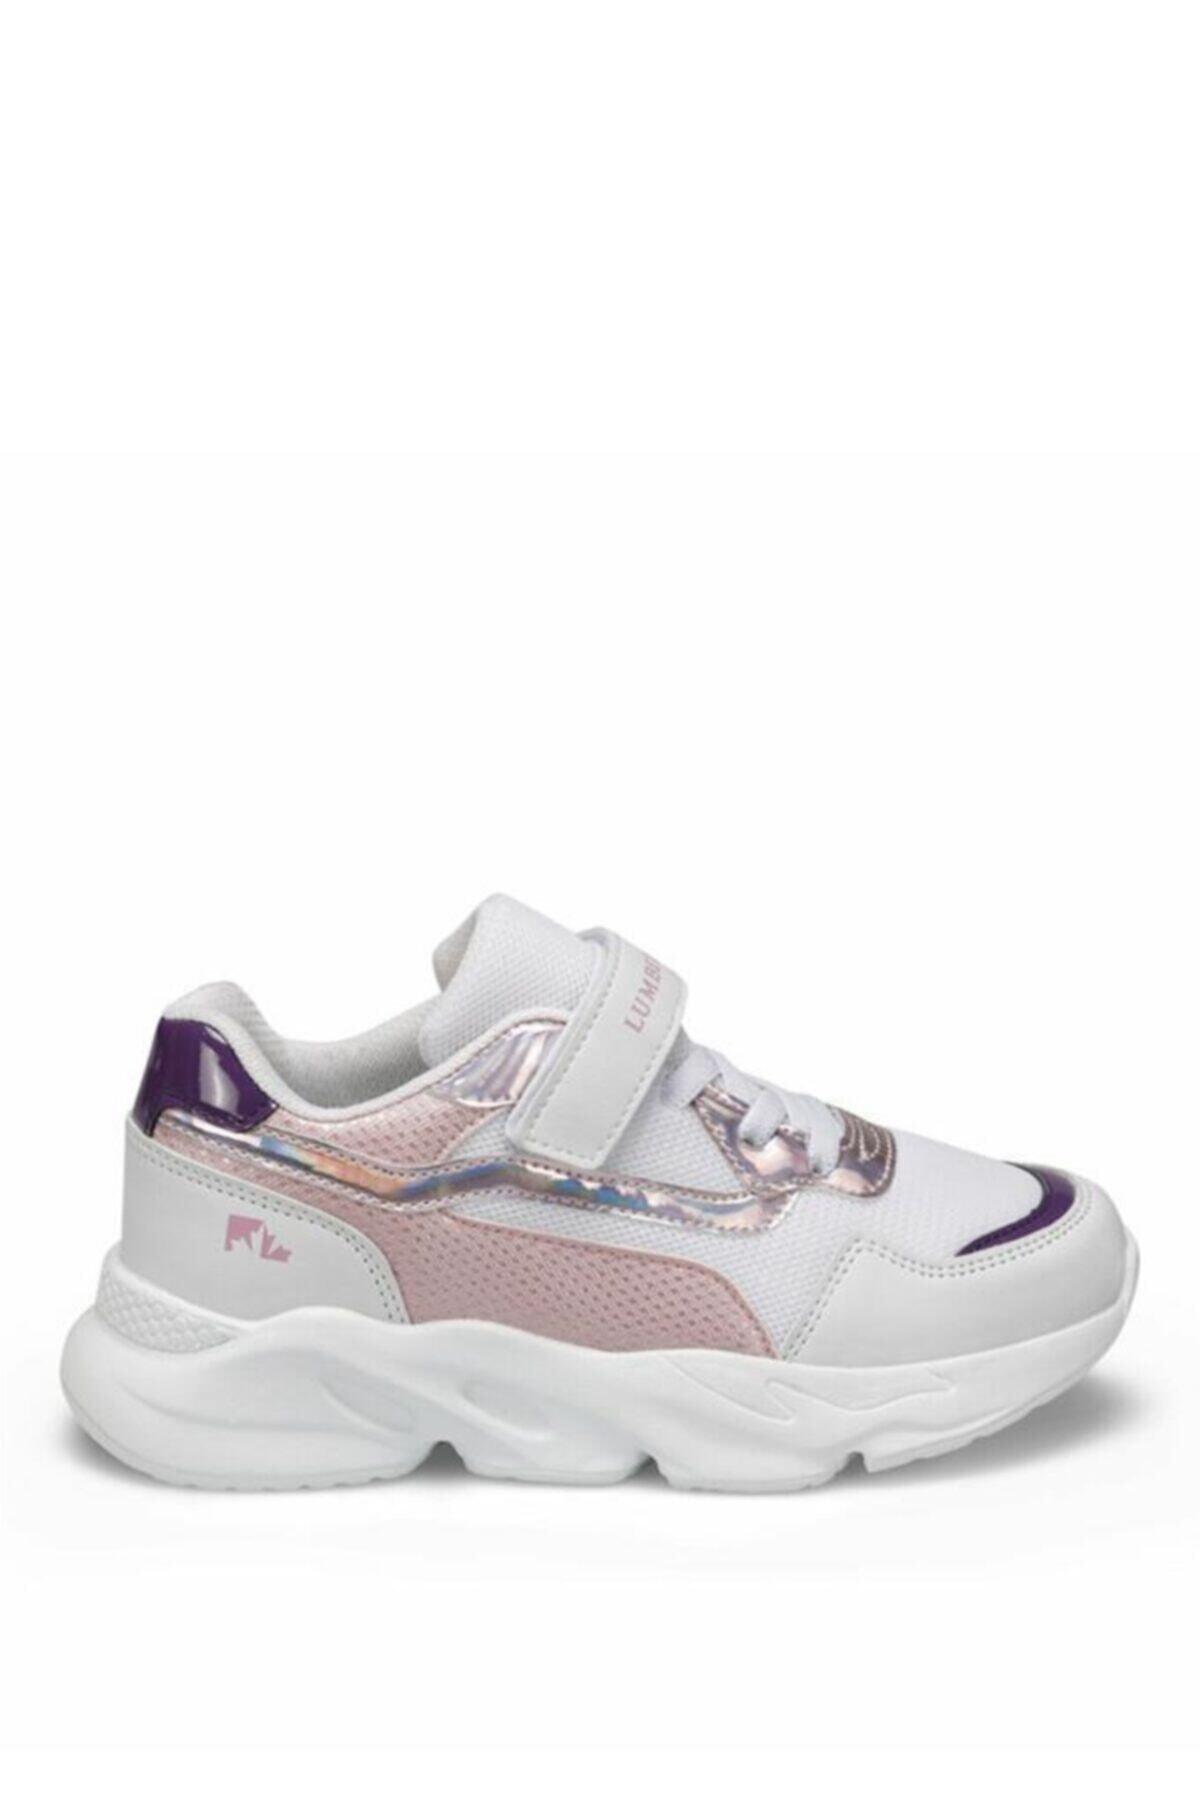 HELEN Beyaz Kız Çocuk Koşu Ayakkabısı 100486035